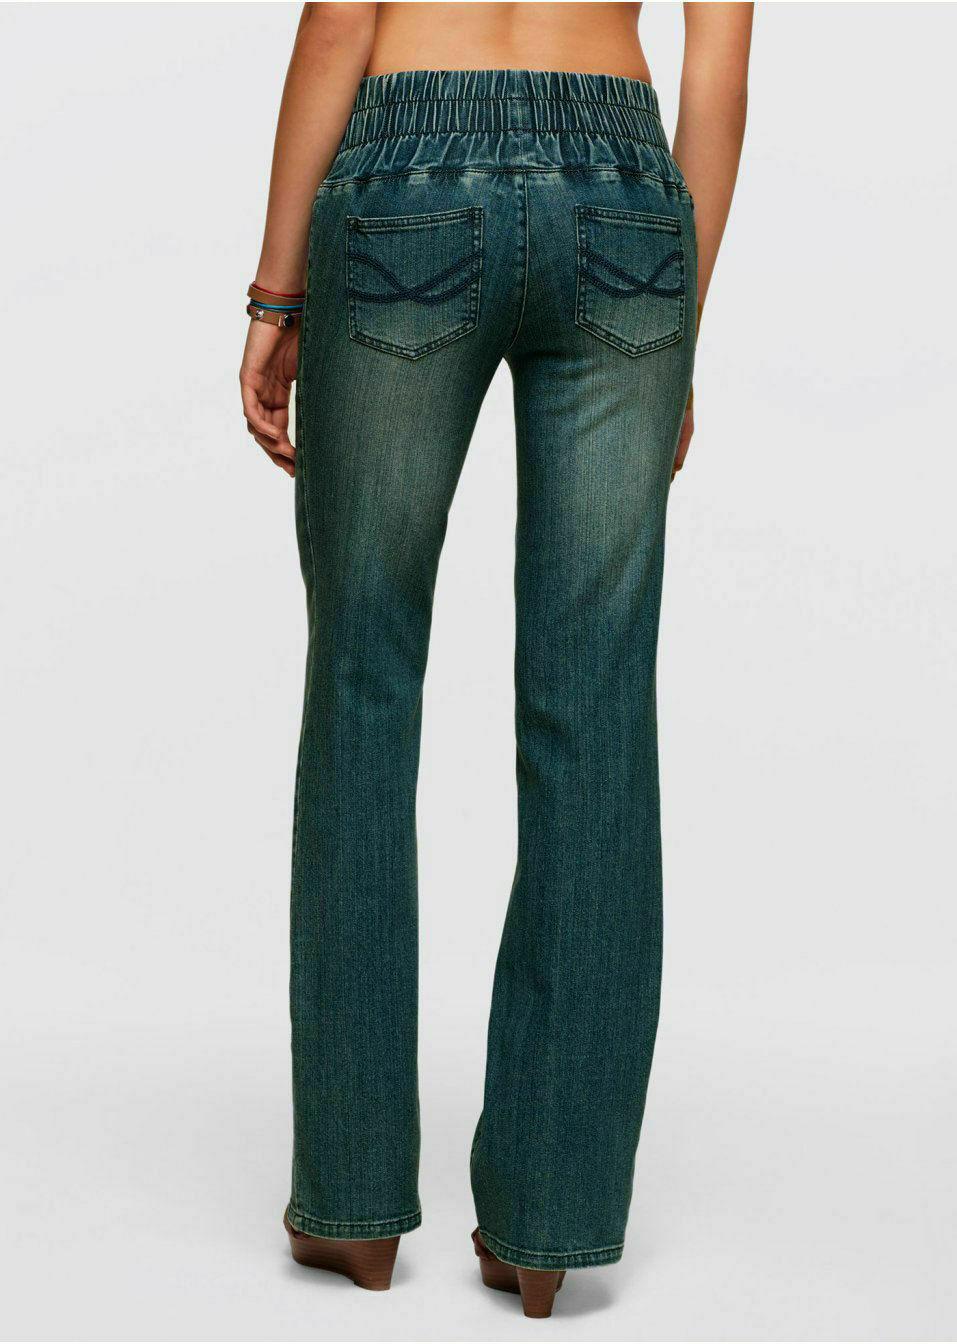 John Baner Damen Jeansleggings Leggings Jeans Hose Bootcut Stretch Gr 36 928903